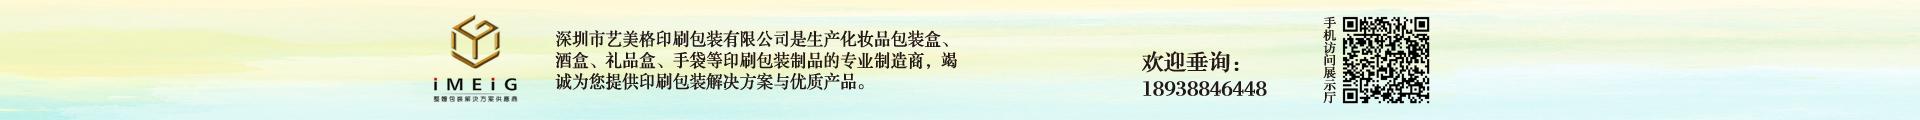 深圳市藝美格印刷包裝有限公司